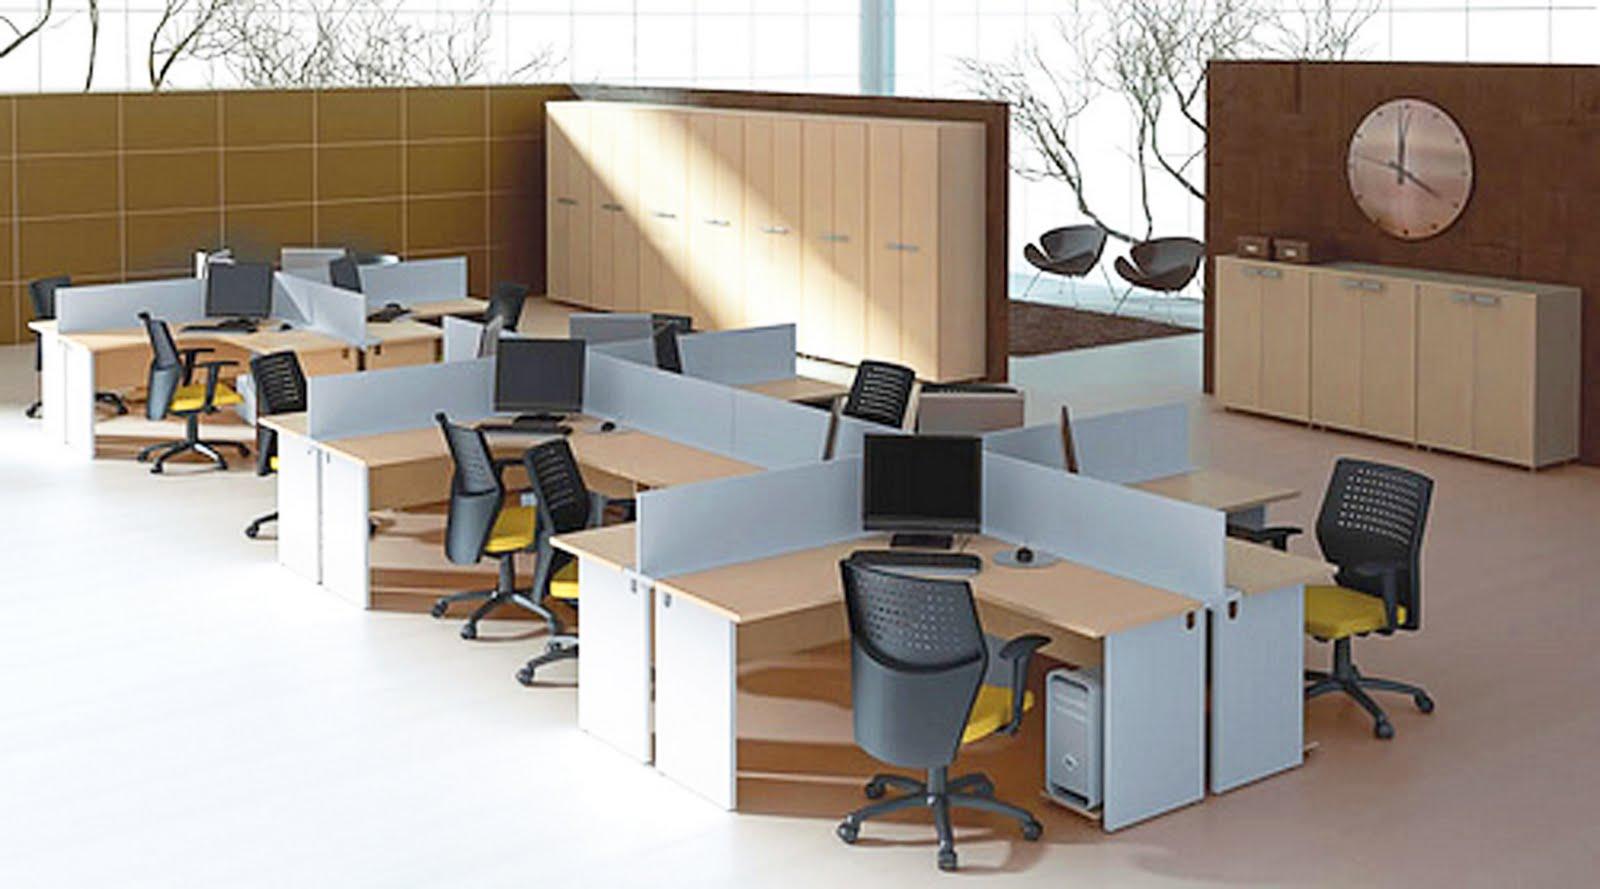 Dellux Móveis: Móveis para Escritórios Planejados (Fotos) #64452C 1600x889